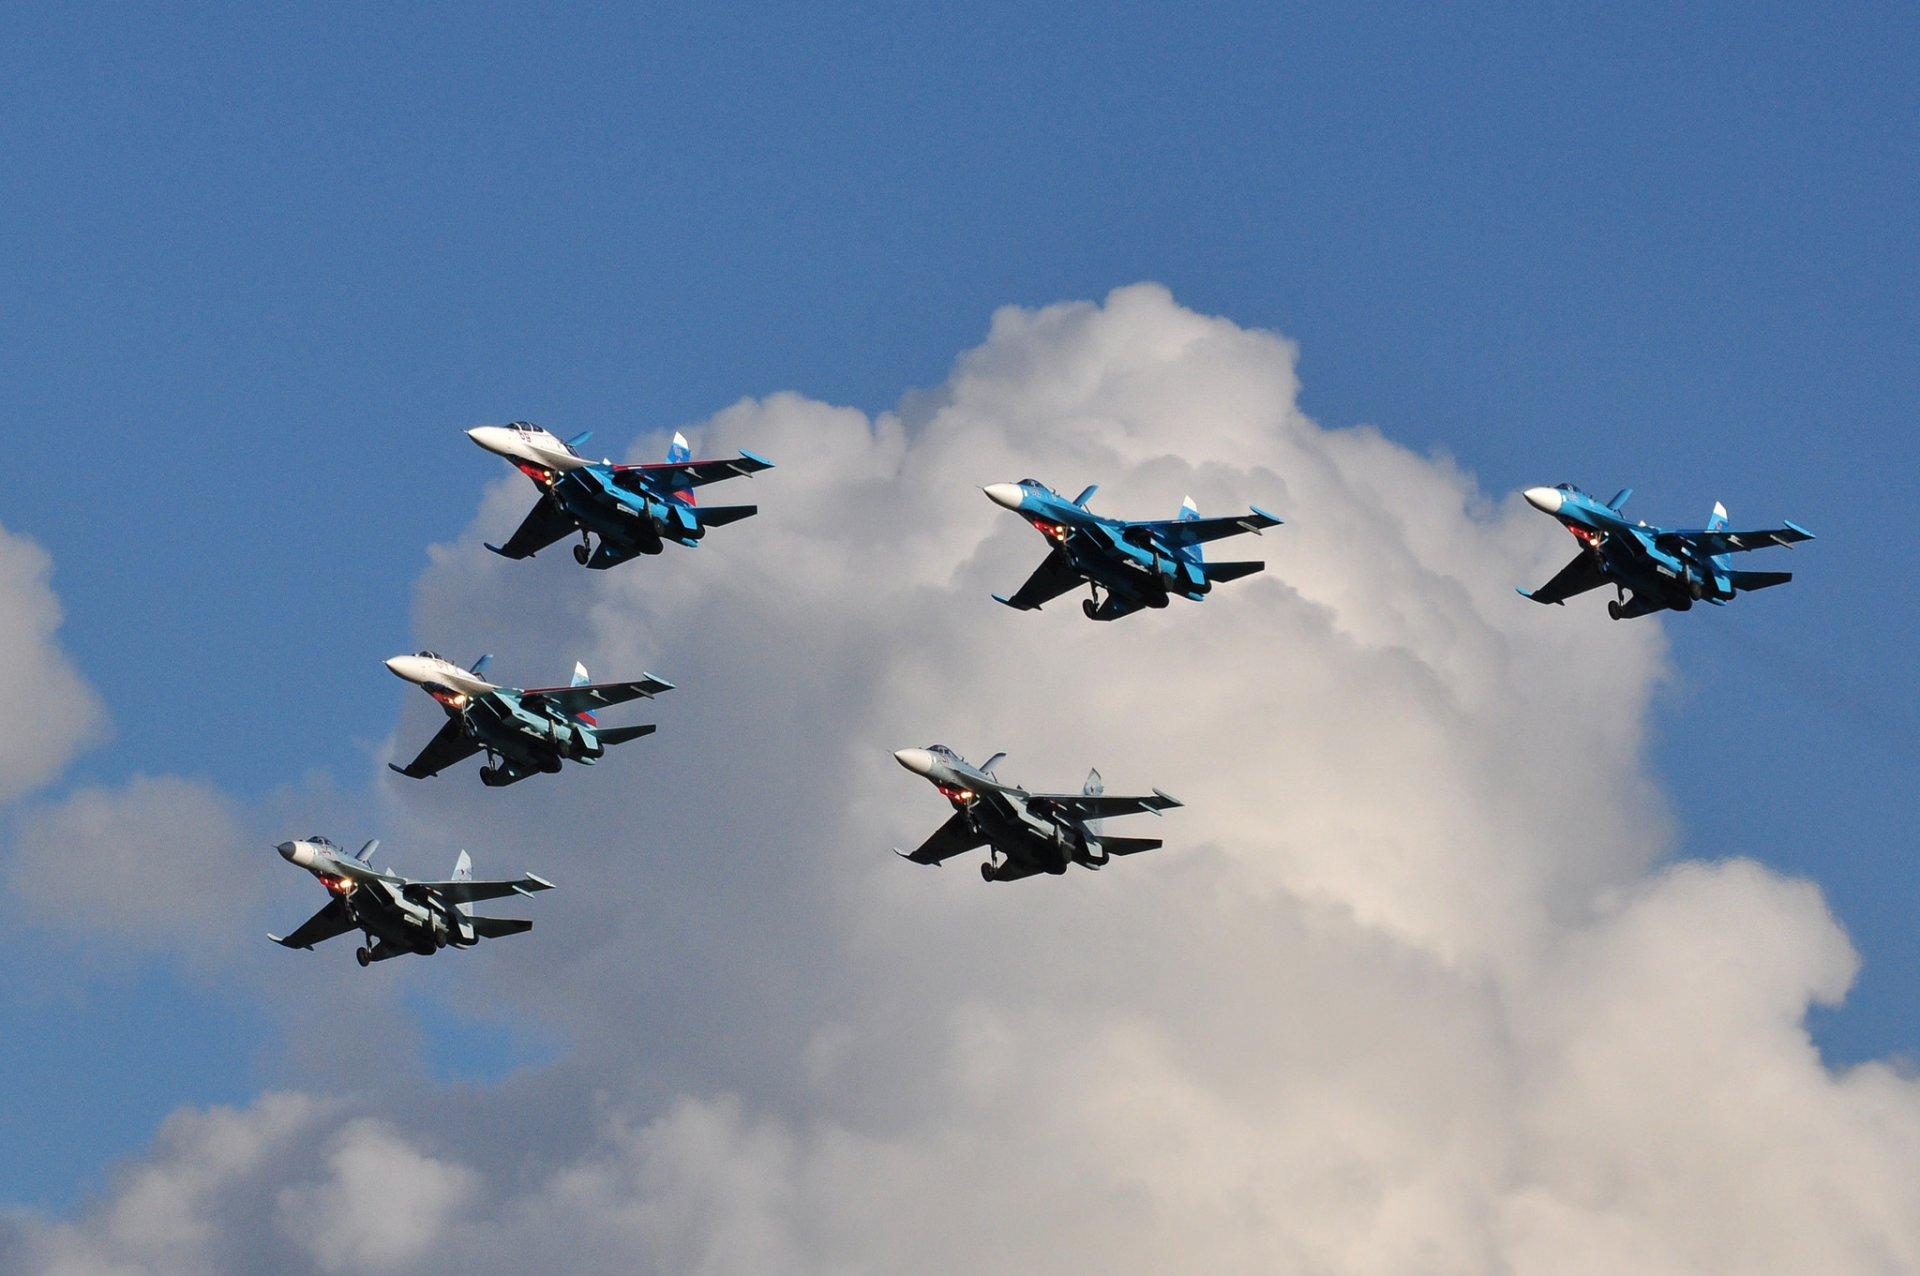 Фотографии боевых самолетов в воздухе